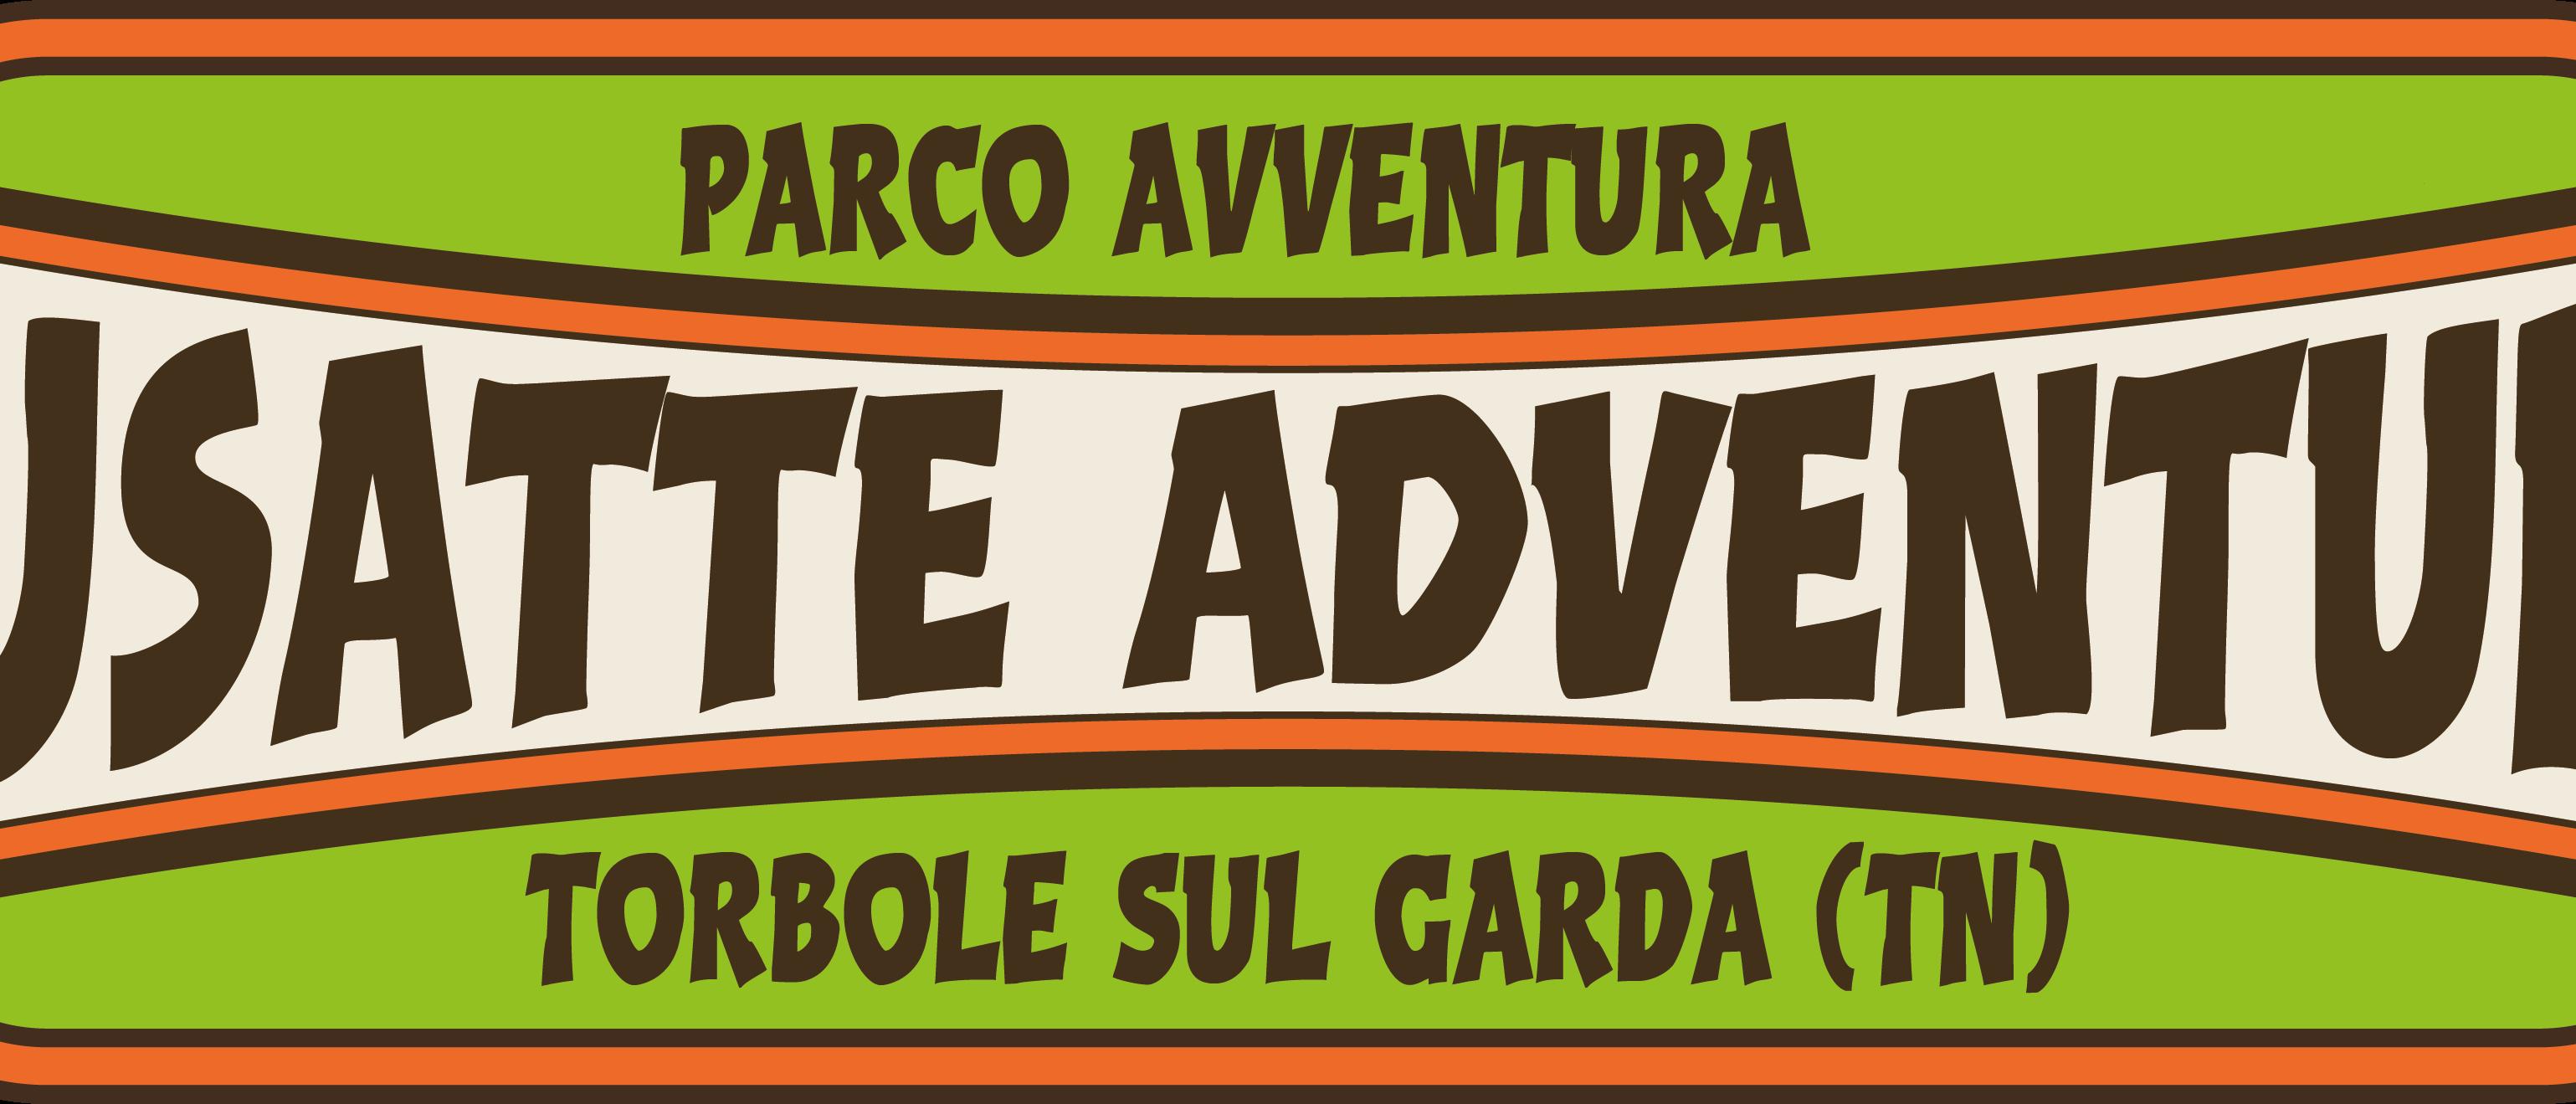 Parco avventura Le Busatte